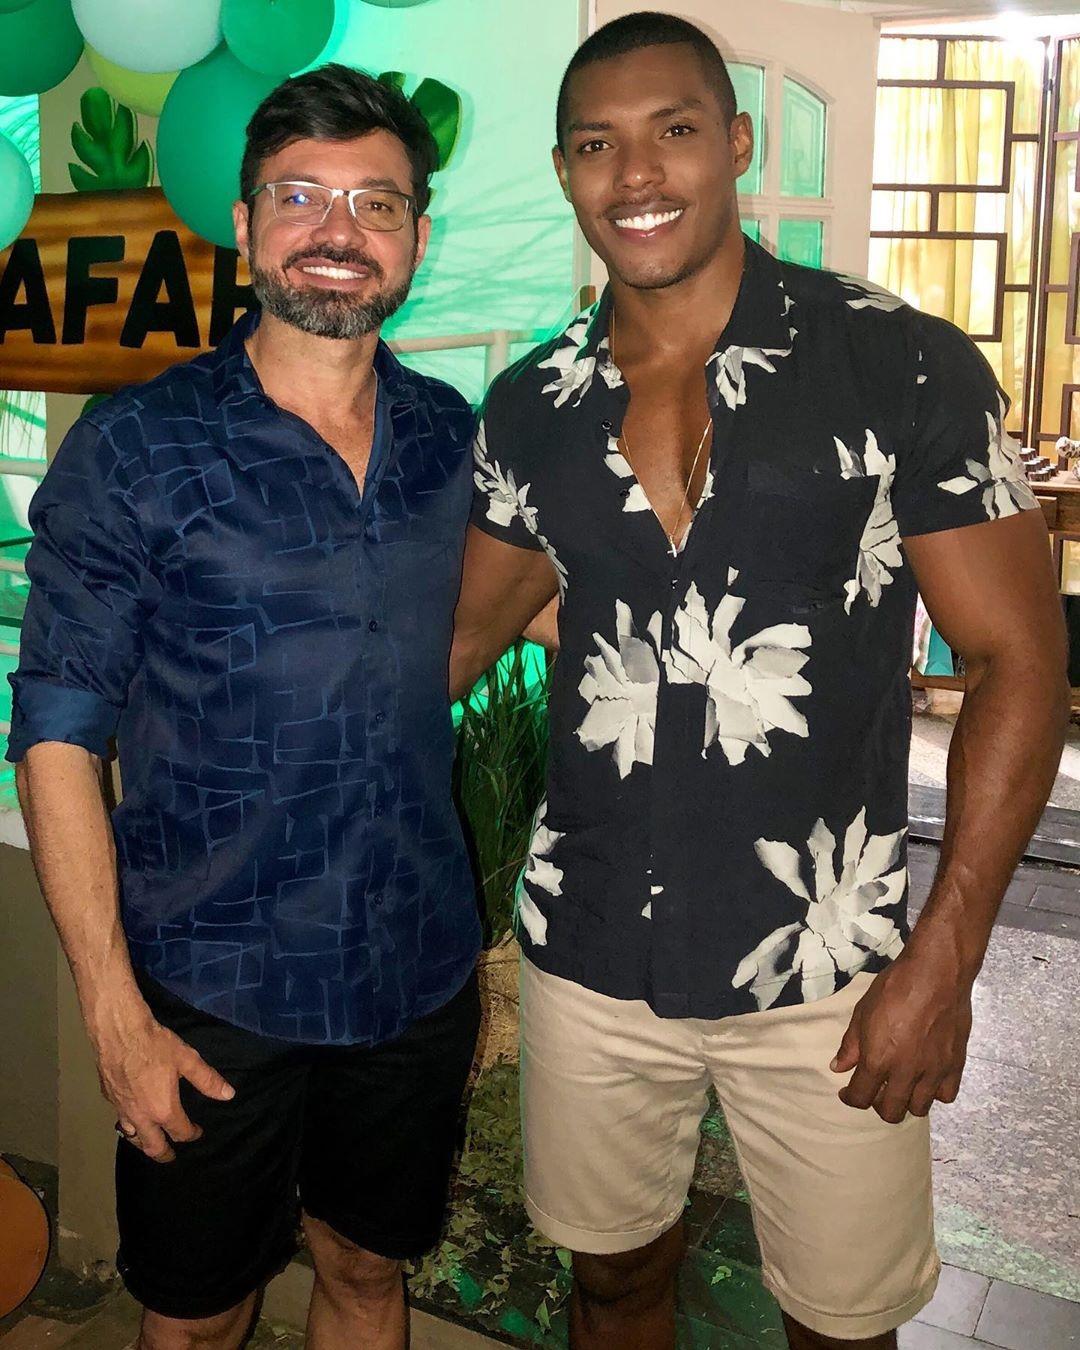 Edgar Souza, prefeito de Lins, e o marido, o modelo Max Souza (Foto: Reprodução)